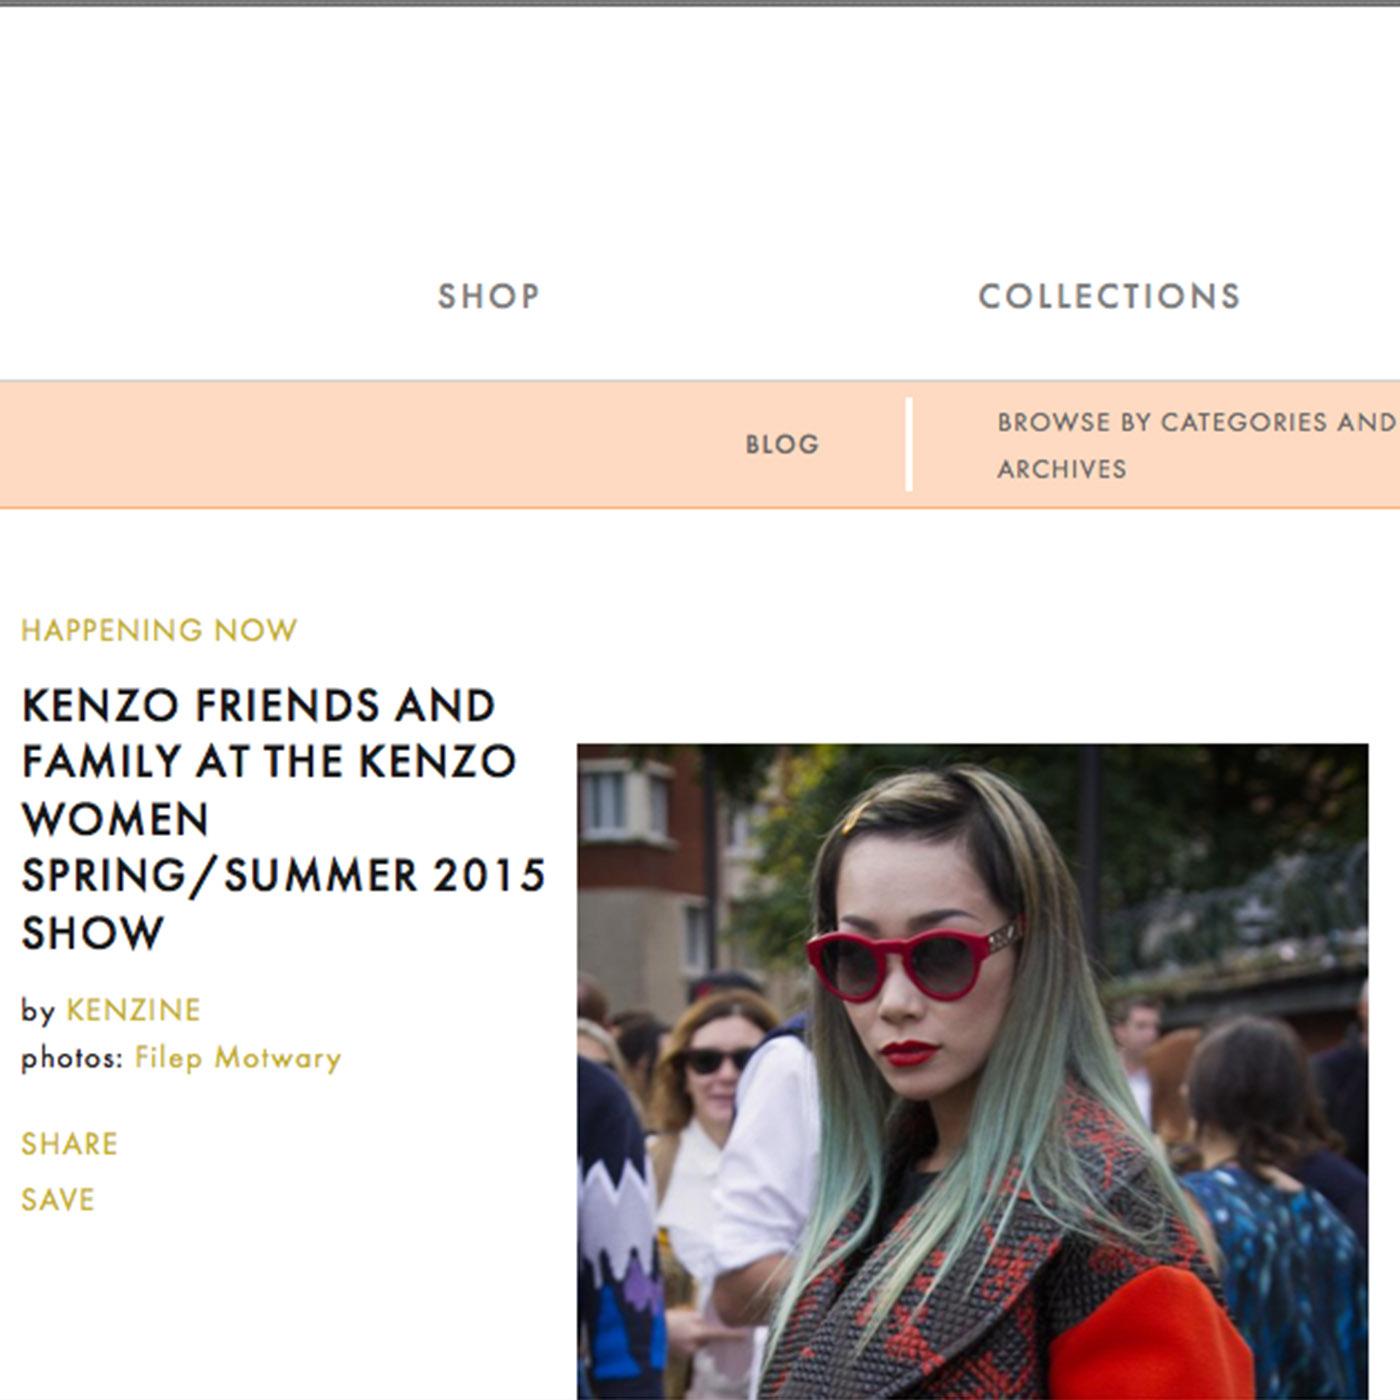 KENZINE for KENZO photography by Filep Motwary